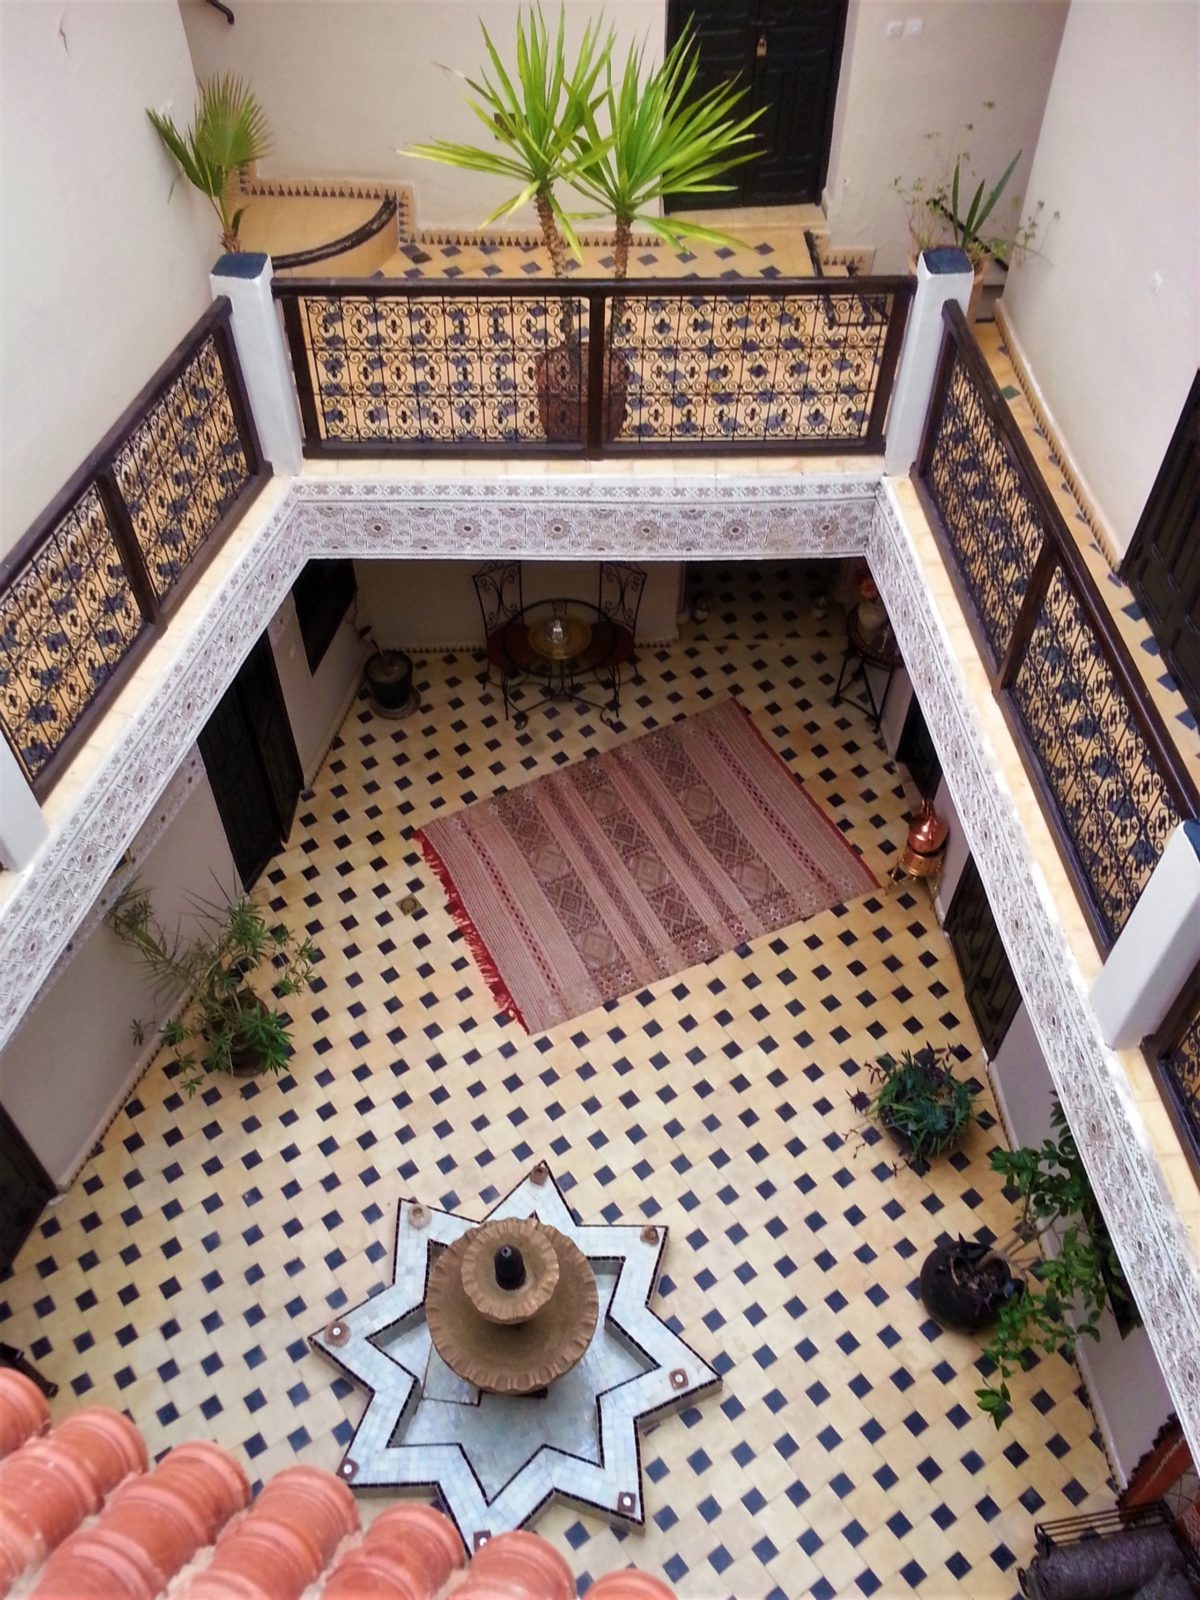 Maroko. Dziedziniec wewnętrzny riadu, tradycyjnego marokańskiego domu